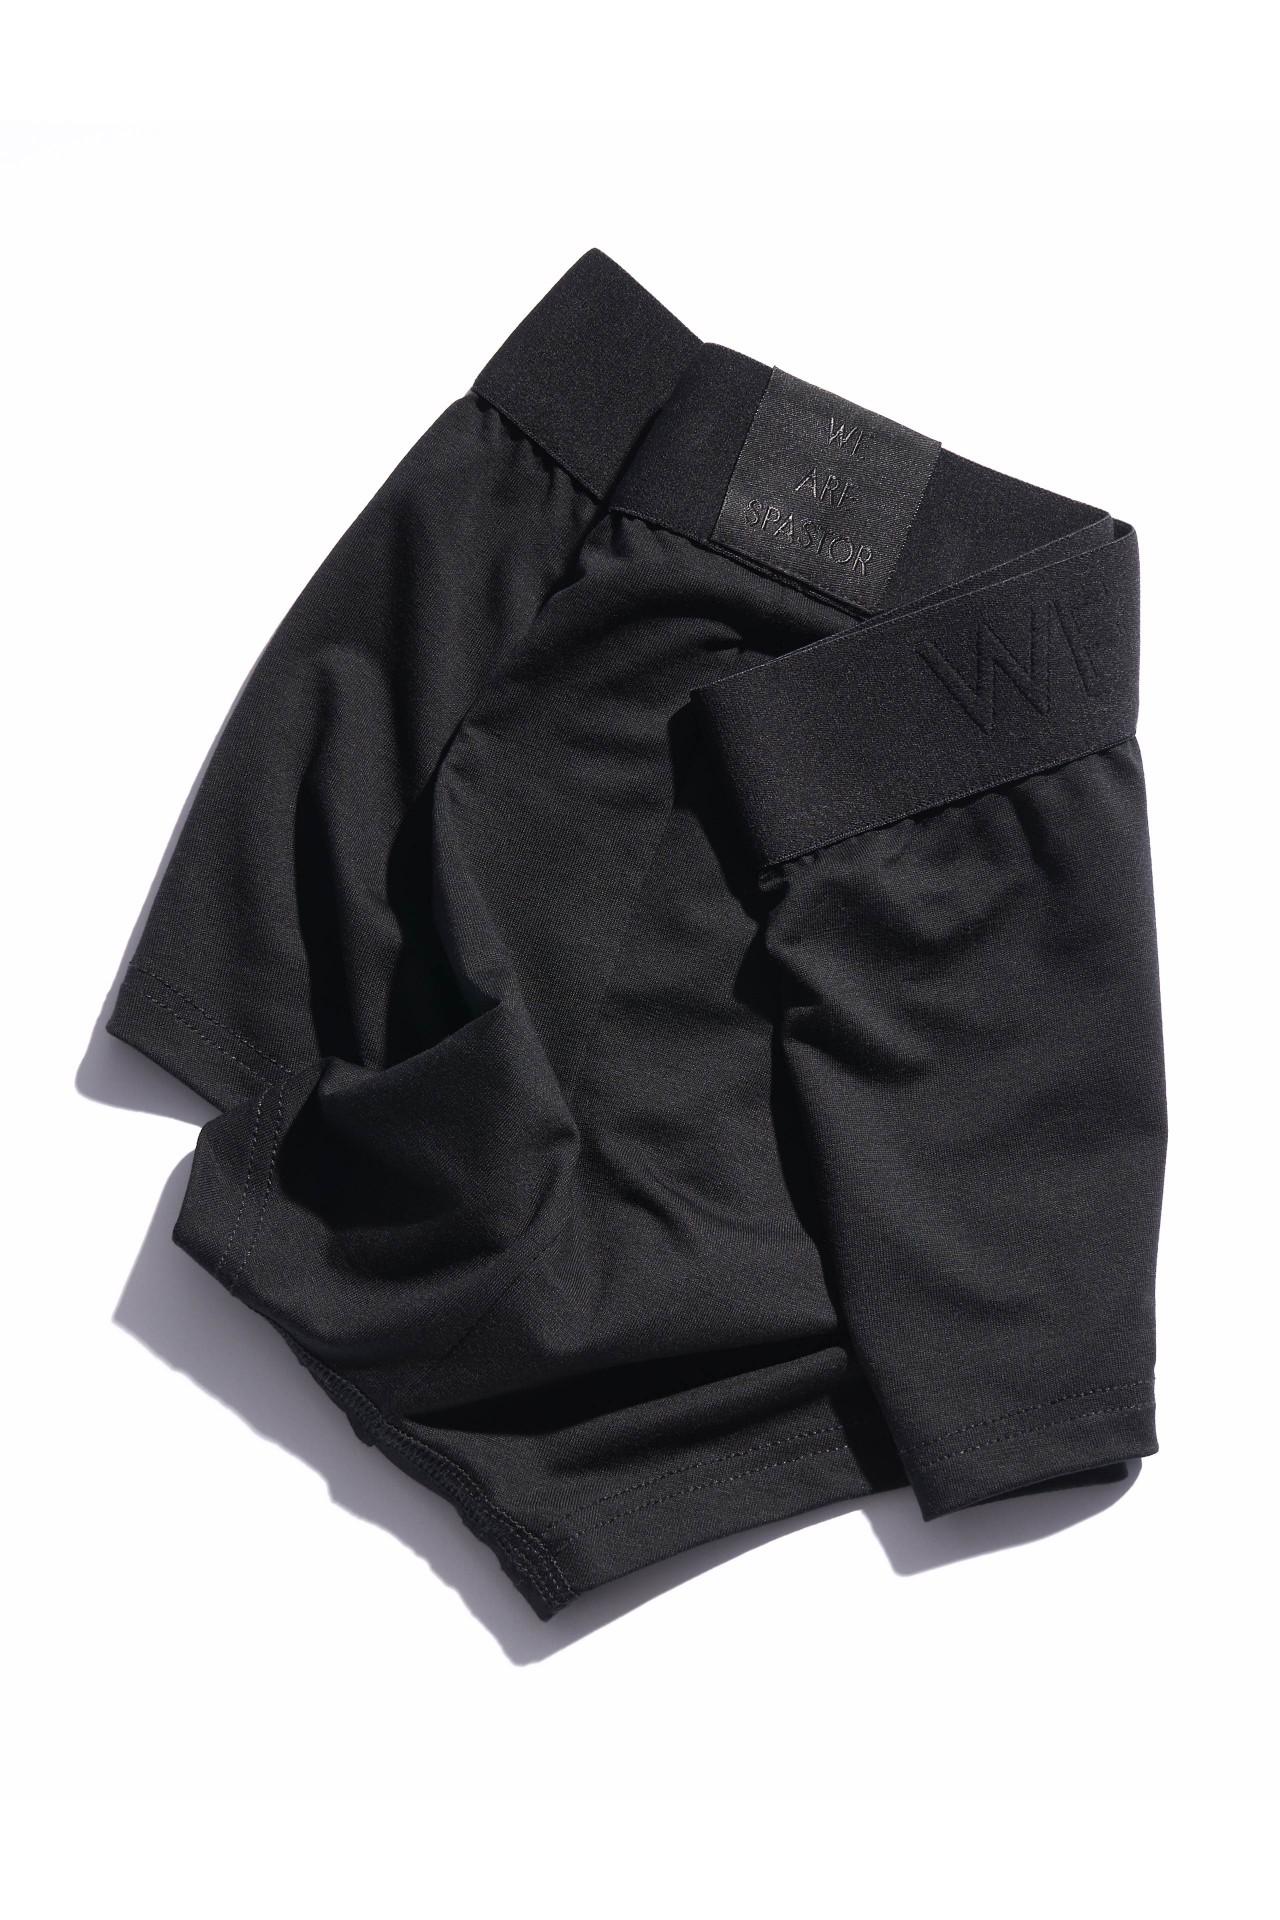 MICHAEL V1 BLACK - 1 PACK